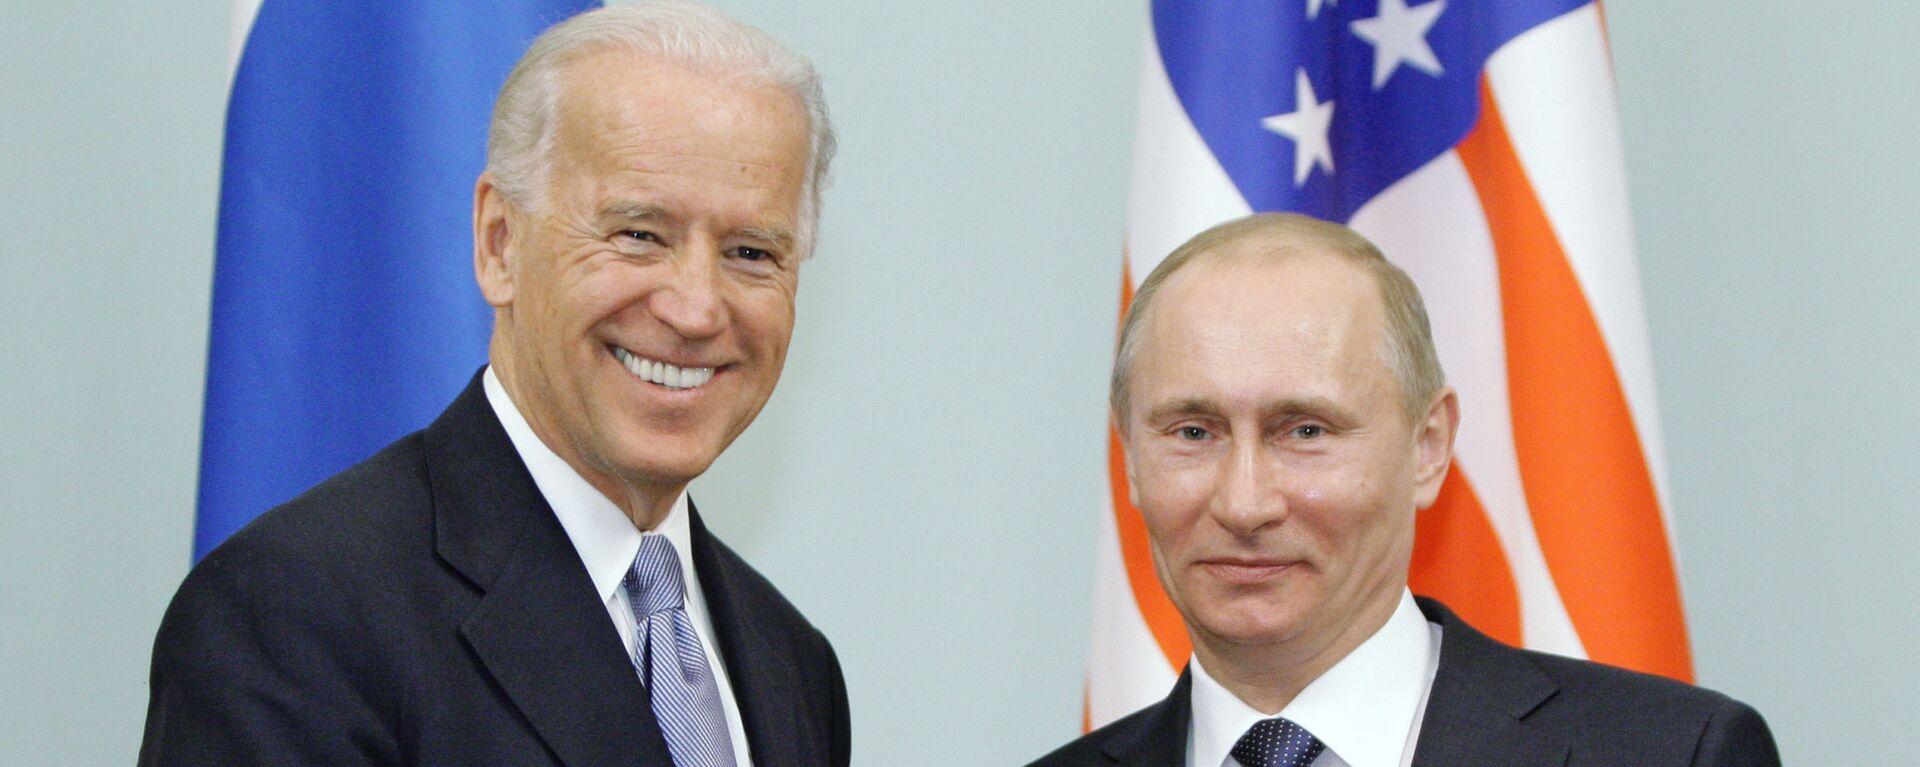 Il primo ministro russo Vladimir Putin durante un incontro con il vicepresidente statunitense Joseph Biden, 2011 - Sputnik Italia, 1920, 25.05.2021